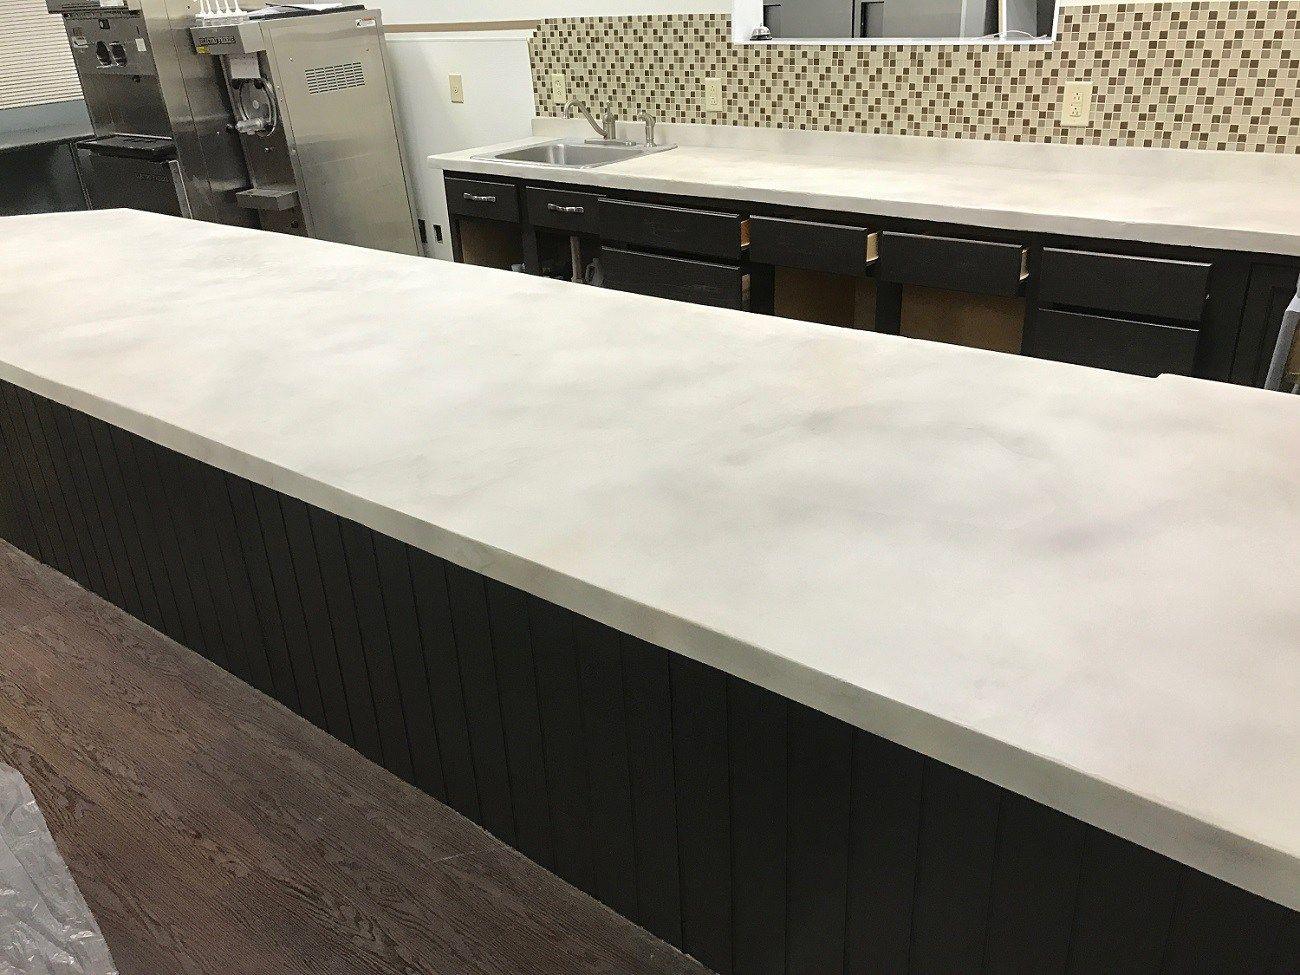 Stormy Gray And Khaki Concrete Dye